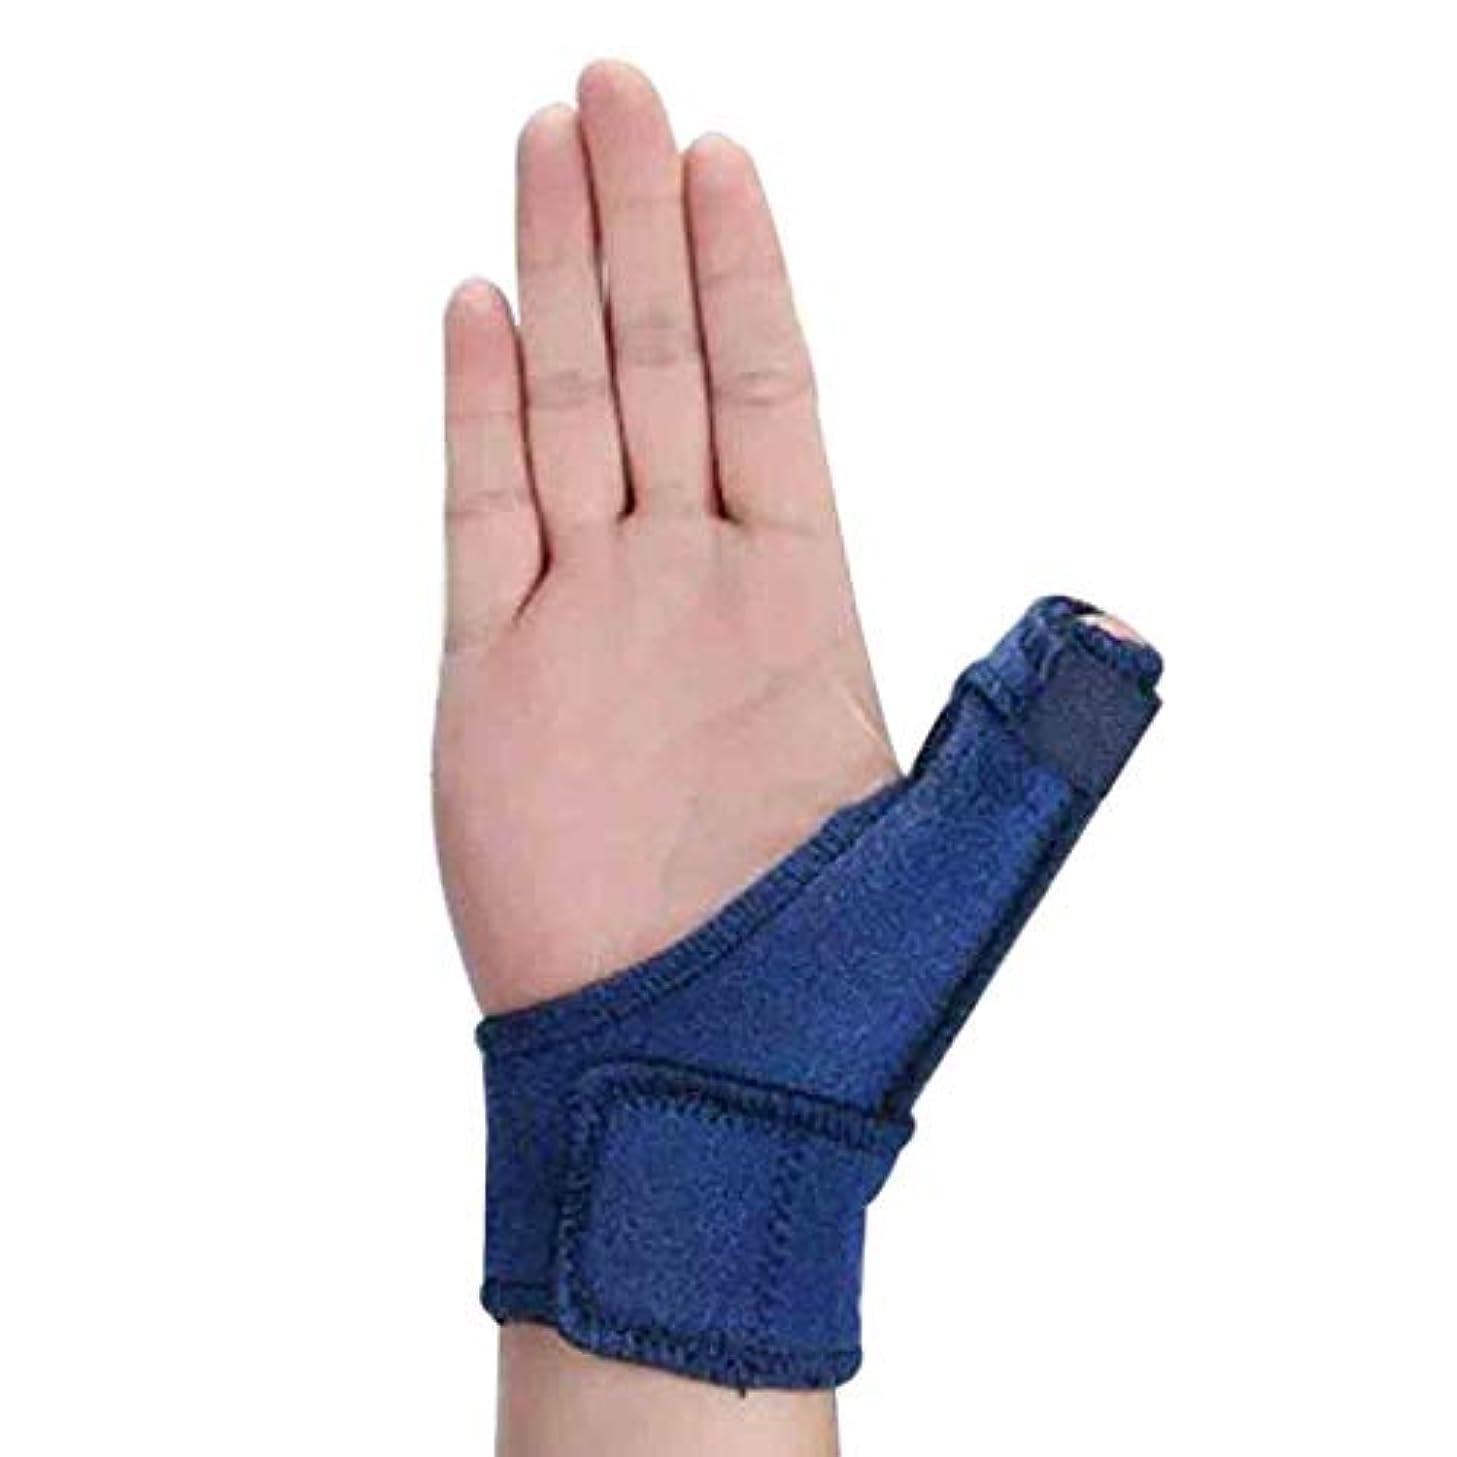 シソーラス消化議論するトリガーのための調節可能な親指スプリント親指リストストラップブレース親指スプリント親指関節炎痛み緩和ブレース(1個、ユニセックス、左&右の手青) Roscloud@